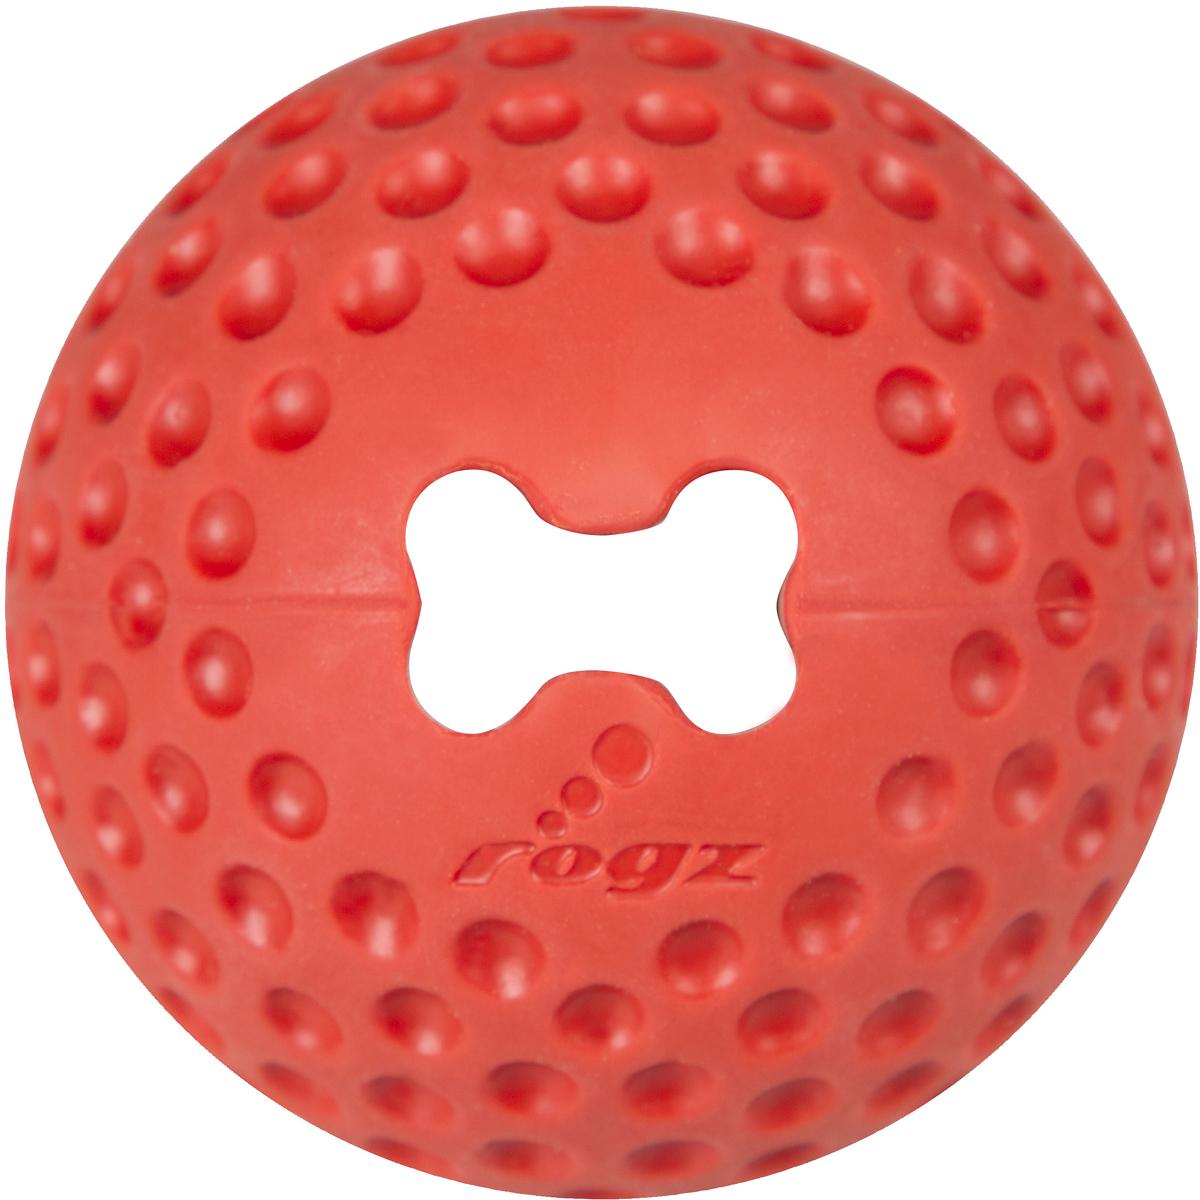 Игрушка для собак Rogz Gumz, с отверстием для лакомства, цвет: красный, диаметр 6,4 смGU02CИгрушка для собак Rogz Gumz тренирует жевательные мышцы и массирует десны собаке. Отлично подходит для дрессировки, так как есть отверстие для лакомства.Отлично подпрыгивает при играх.Занимательная игрушка выдерживает долгое жевание и разгрызание. Материал изделия: 85 % натуральной резины, 15 % синтетической резины. Не токсичен.